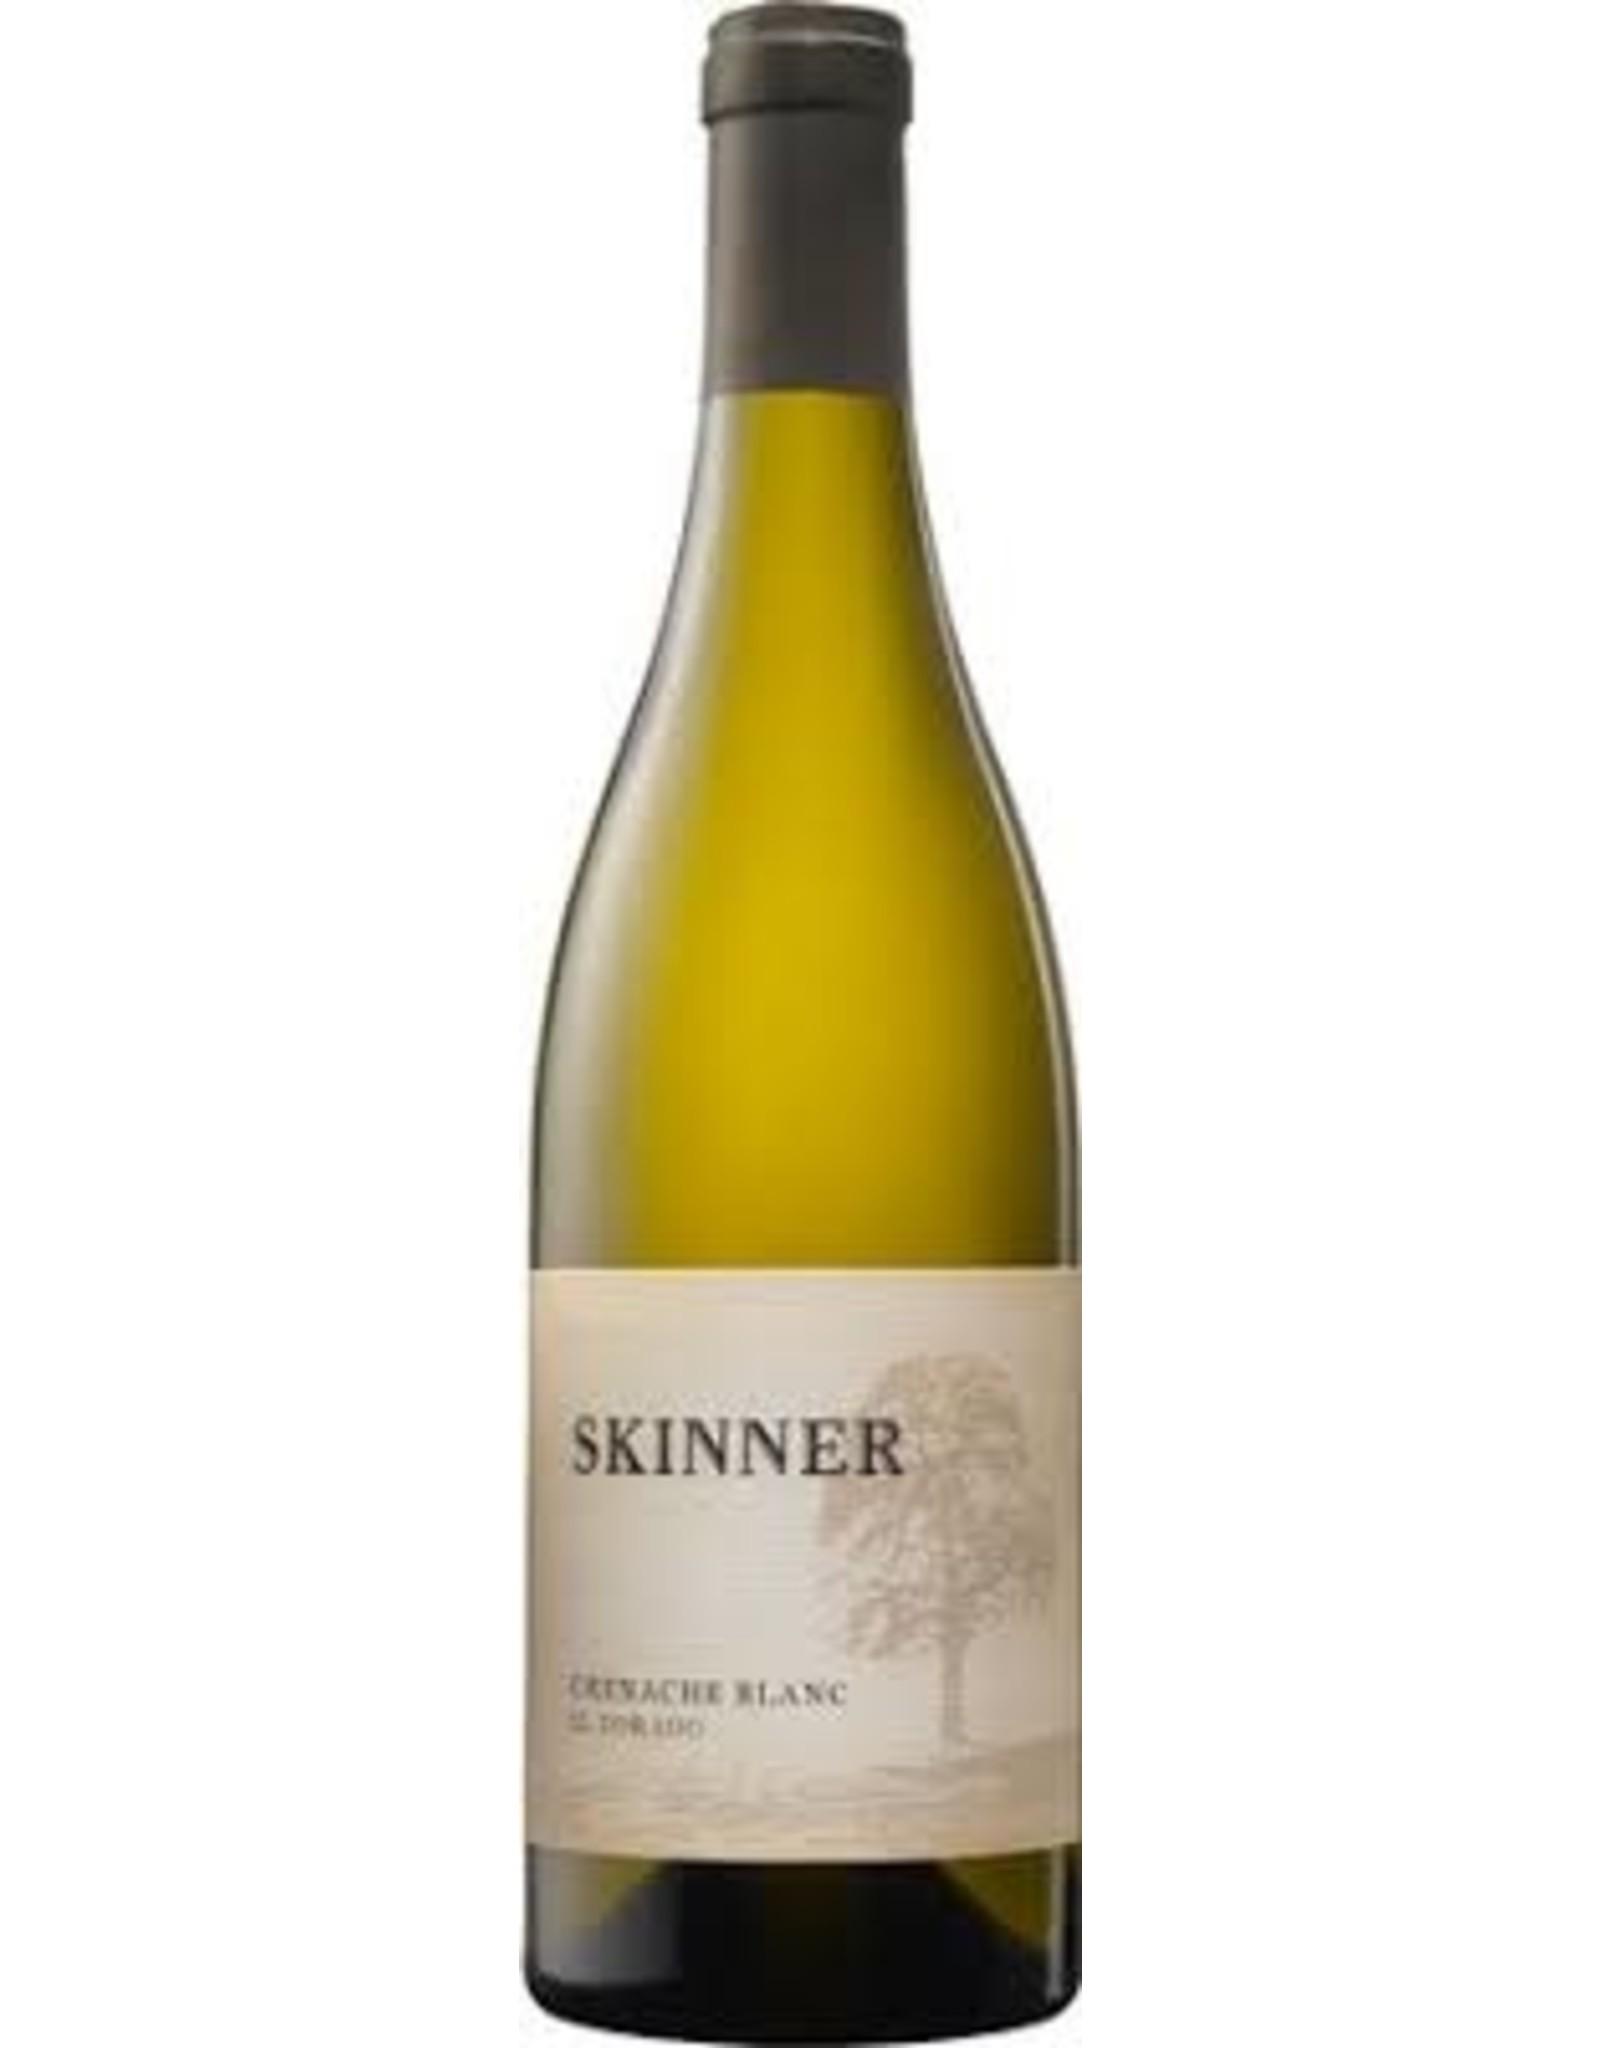 Skinner Grenache Blanc